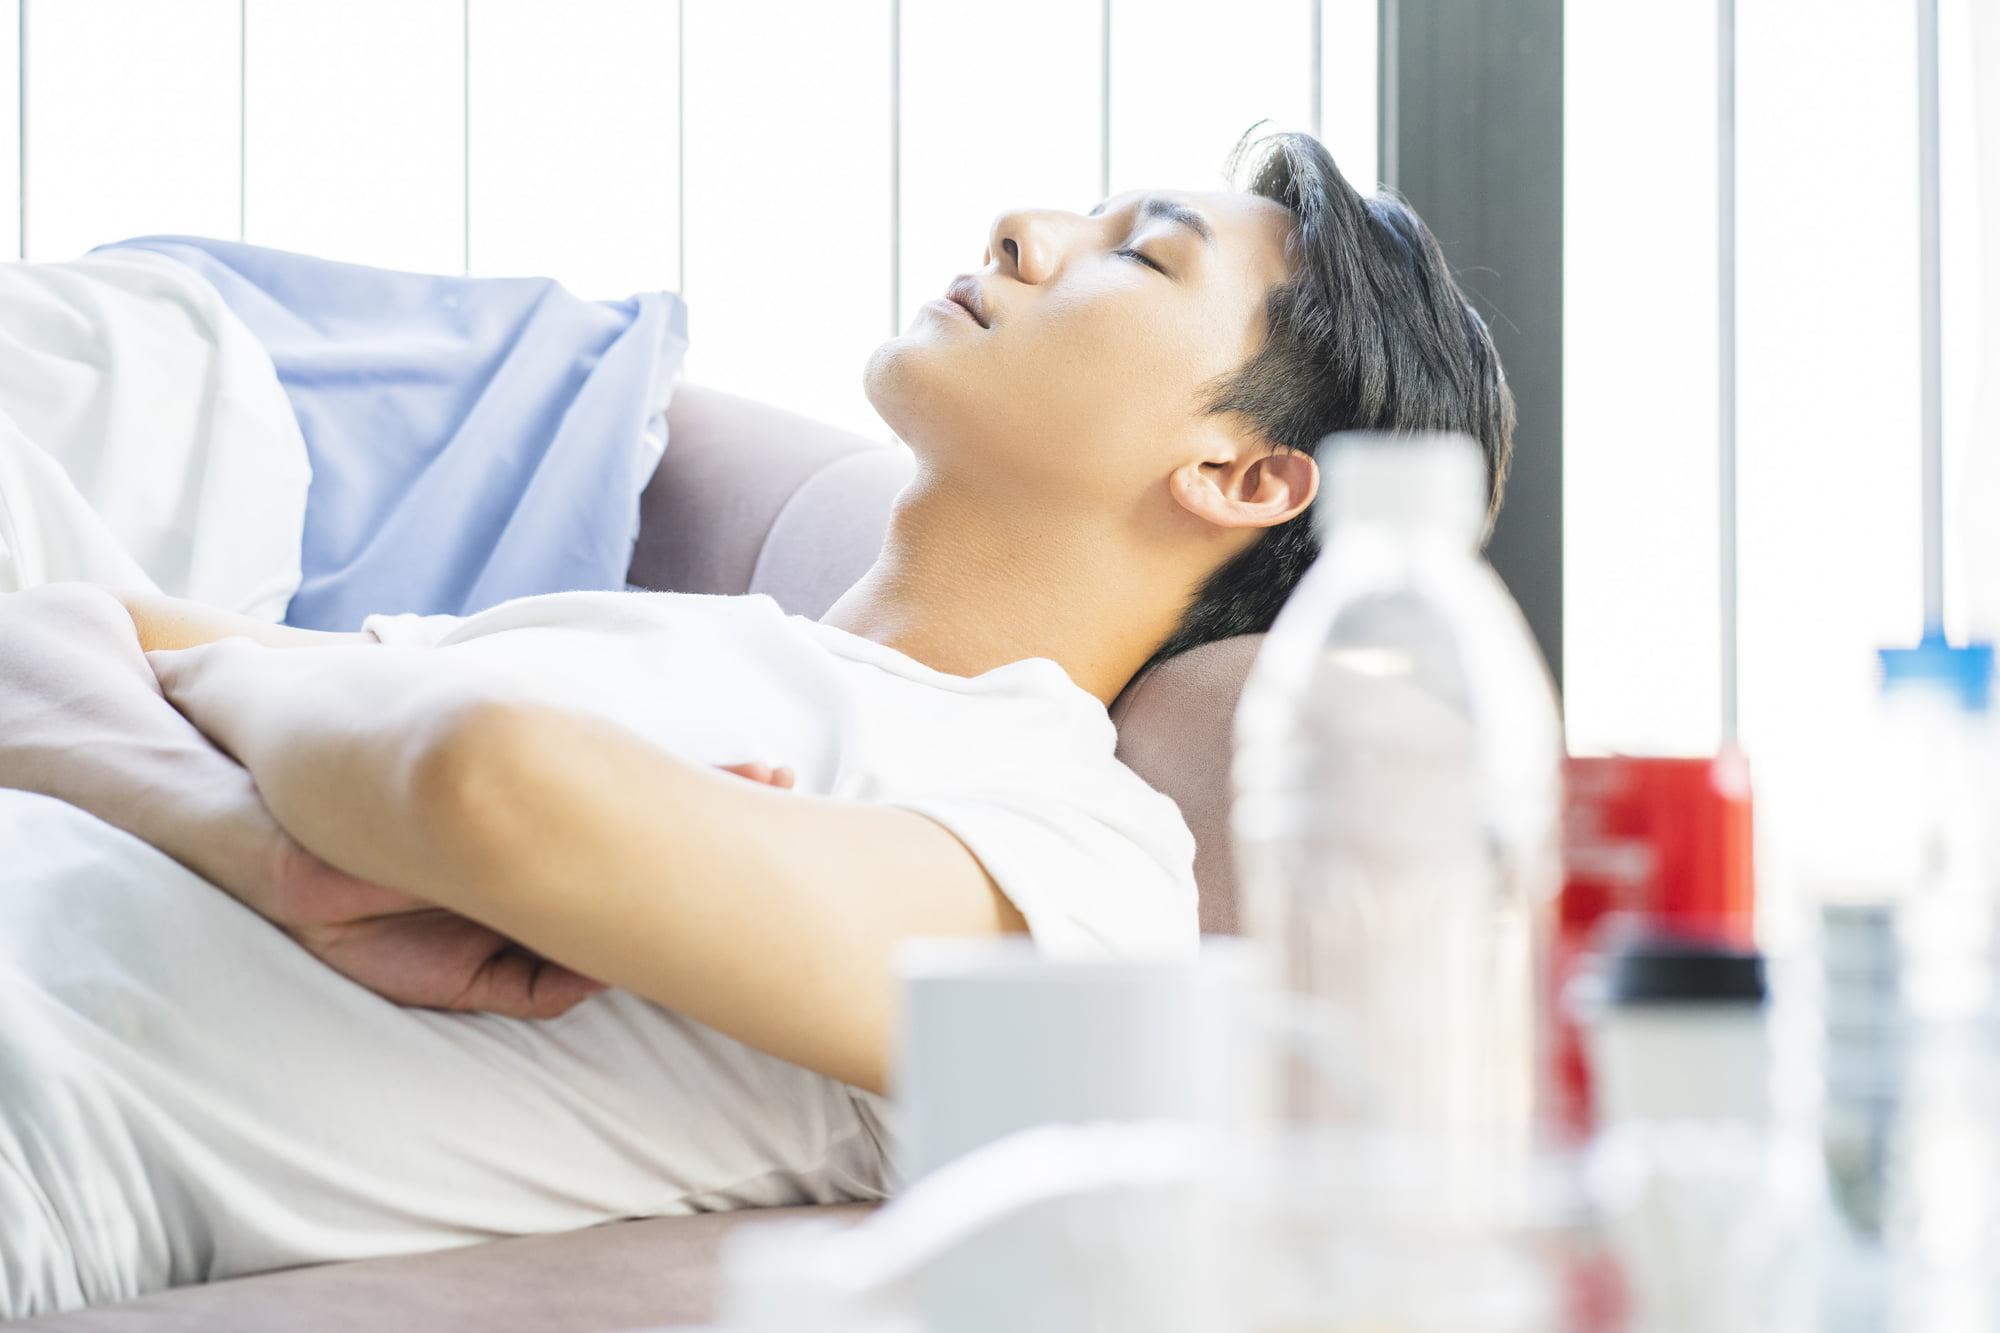 派遣-ソファーで寝る男性